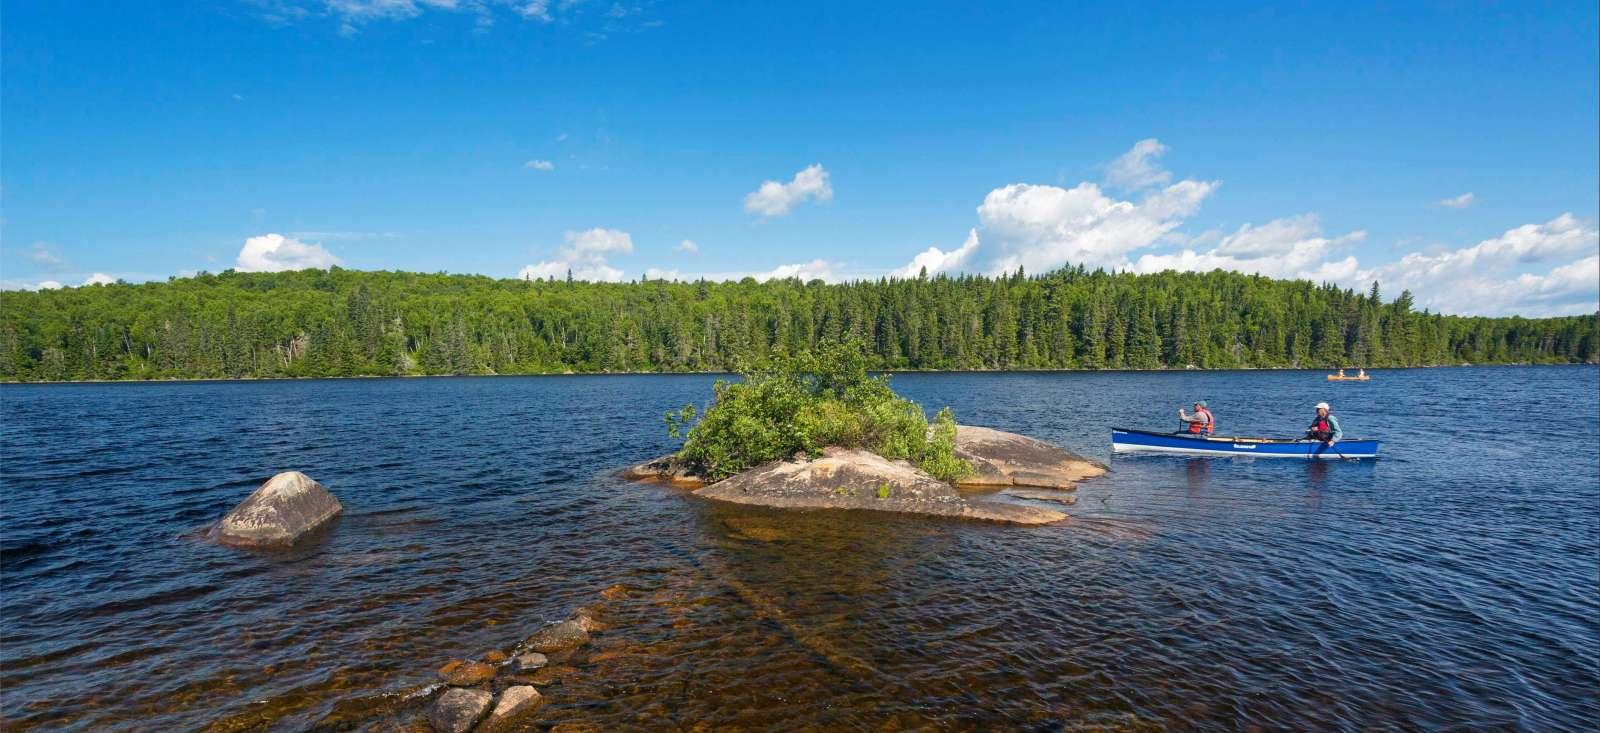 Voyage à pied : Escapade en canot-camping